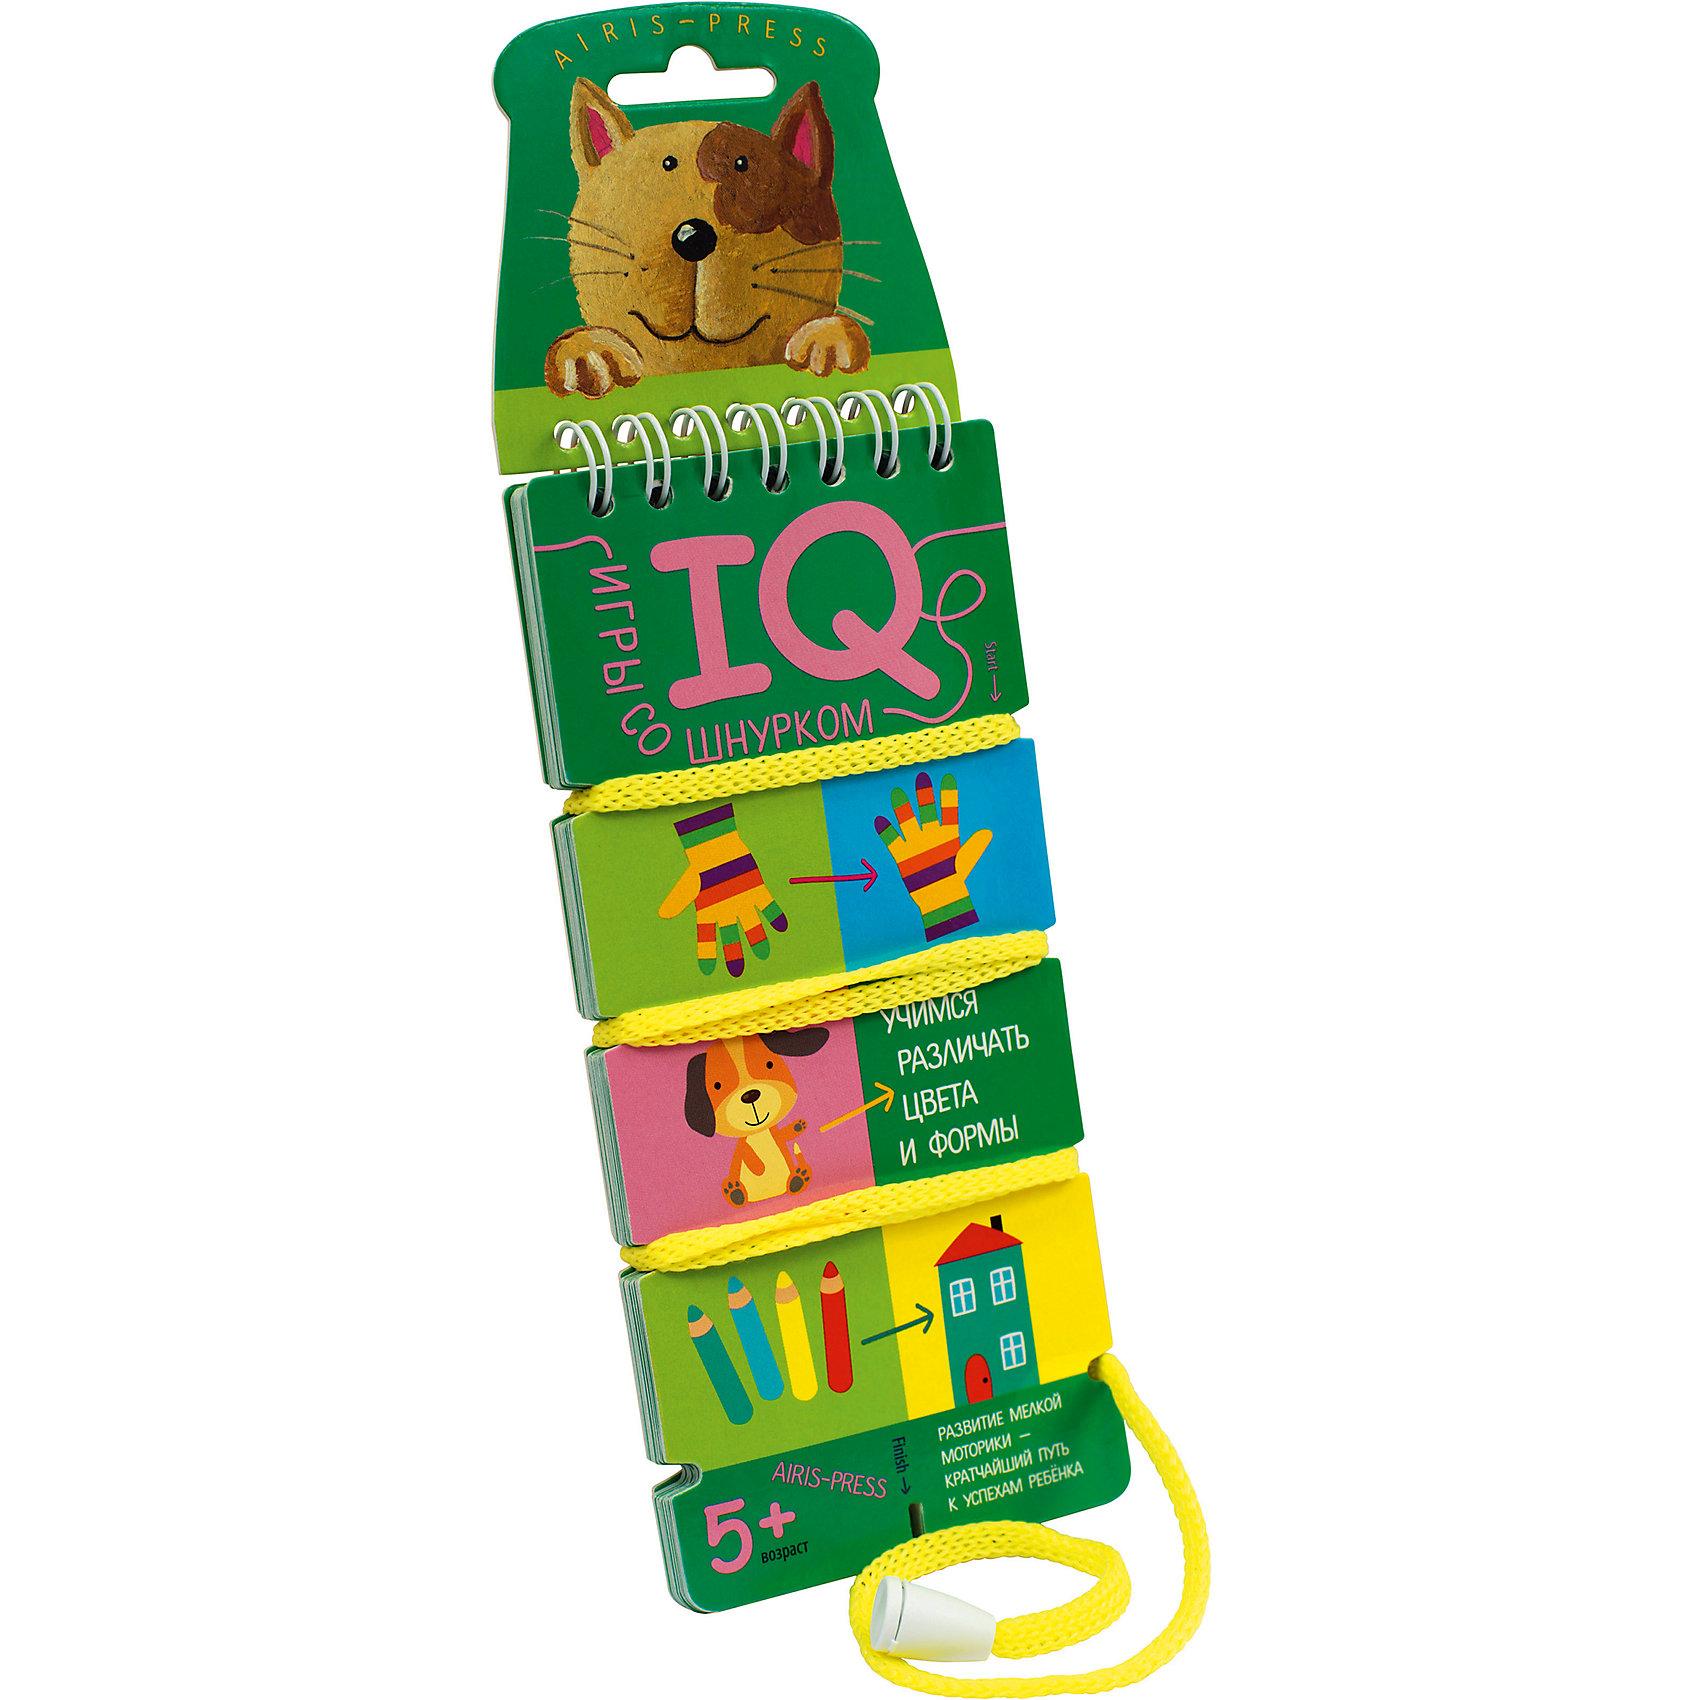 Игры со шнурком Учимся различать цвета и формы, Куликова Е НШнуровки<br>Учимся определять цвета и формы - это игровое пособие для развития умения воспринимать, различать и сравнивать цвета  и формы. Пособие, ориентированное на самостоятельную деятельность ребёнка, представляет собой небольшой блокнот со шнурком, состоящий из 18 картонных карточек. Выполняя задания на карточках-страничках, ребёнок развивает моторику и координацию движений. Проверить правильность своих ответов ребёнок сможет самостоятельно по линиям на оборотной стороне карточек. Простота и удобство пособия позволяют использовать его в детском саду, дома и на отдыхе.&#13;<br>Предназначен для детей старше 5 лет.<br><br>Ширина мм: 36<br>Глубина мм: 70<br>Высота мм: 160<br>Вес г: 62<br>Возраст от месяцев: 60<br>Возраст до месяцев: 84<br>Пол: Унисекс<br>Возраст: Детский<br>SKU: 6849572